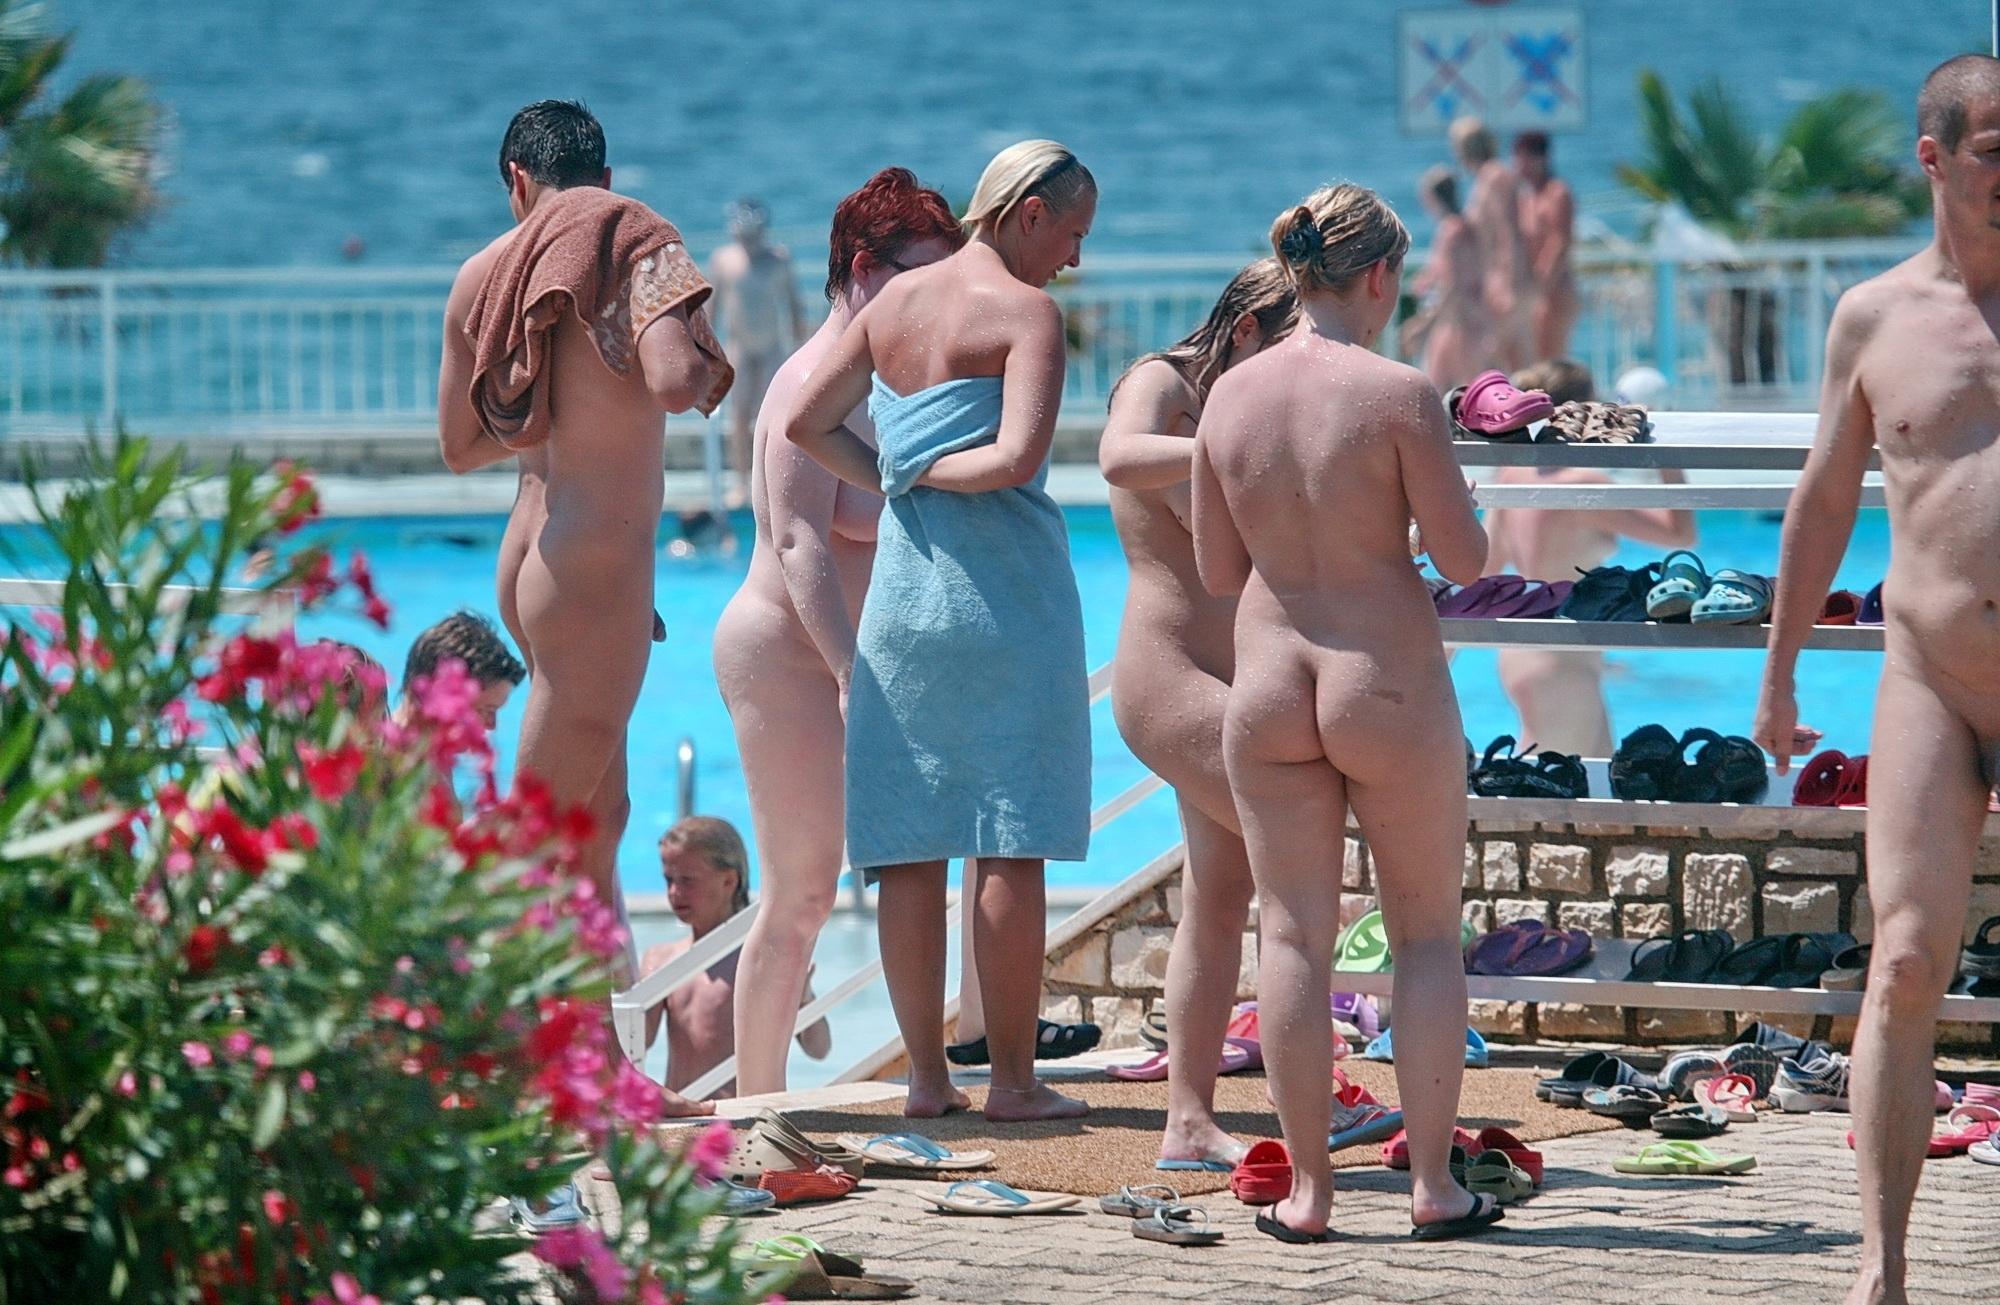 Naked Camp - Nudists Pool - Voyeurpapa-1215